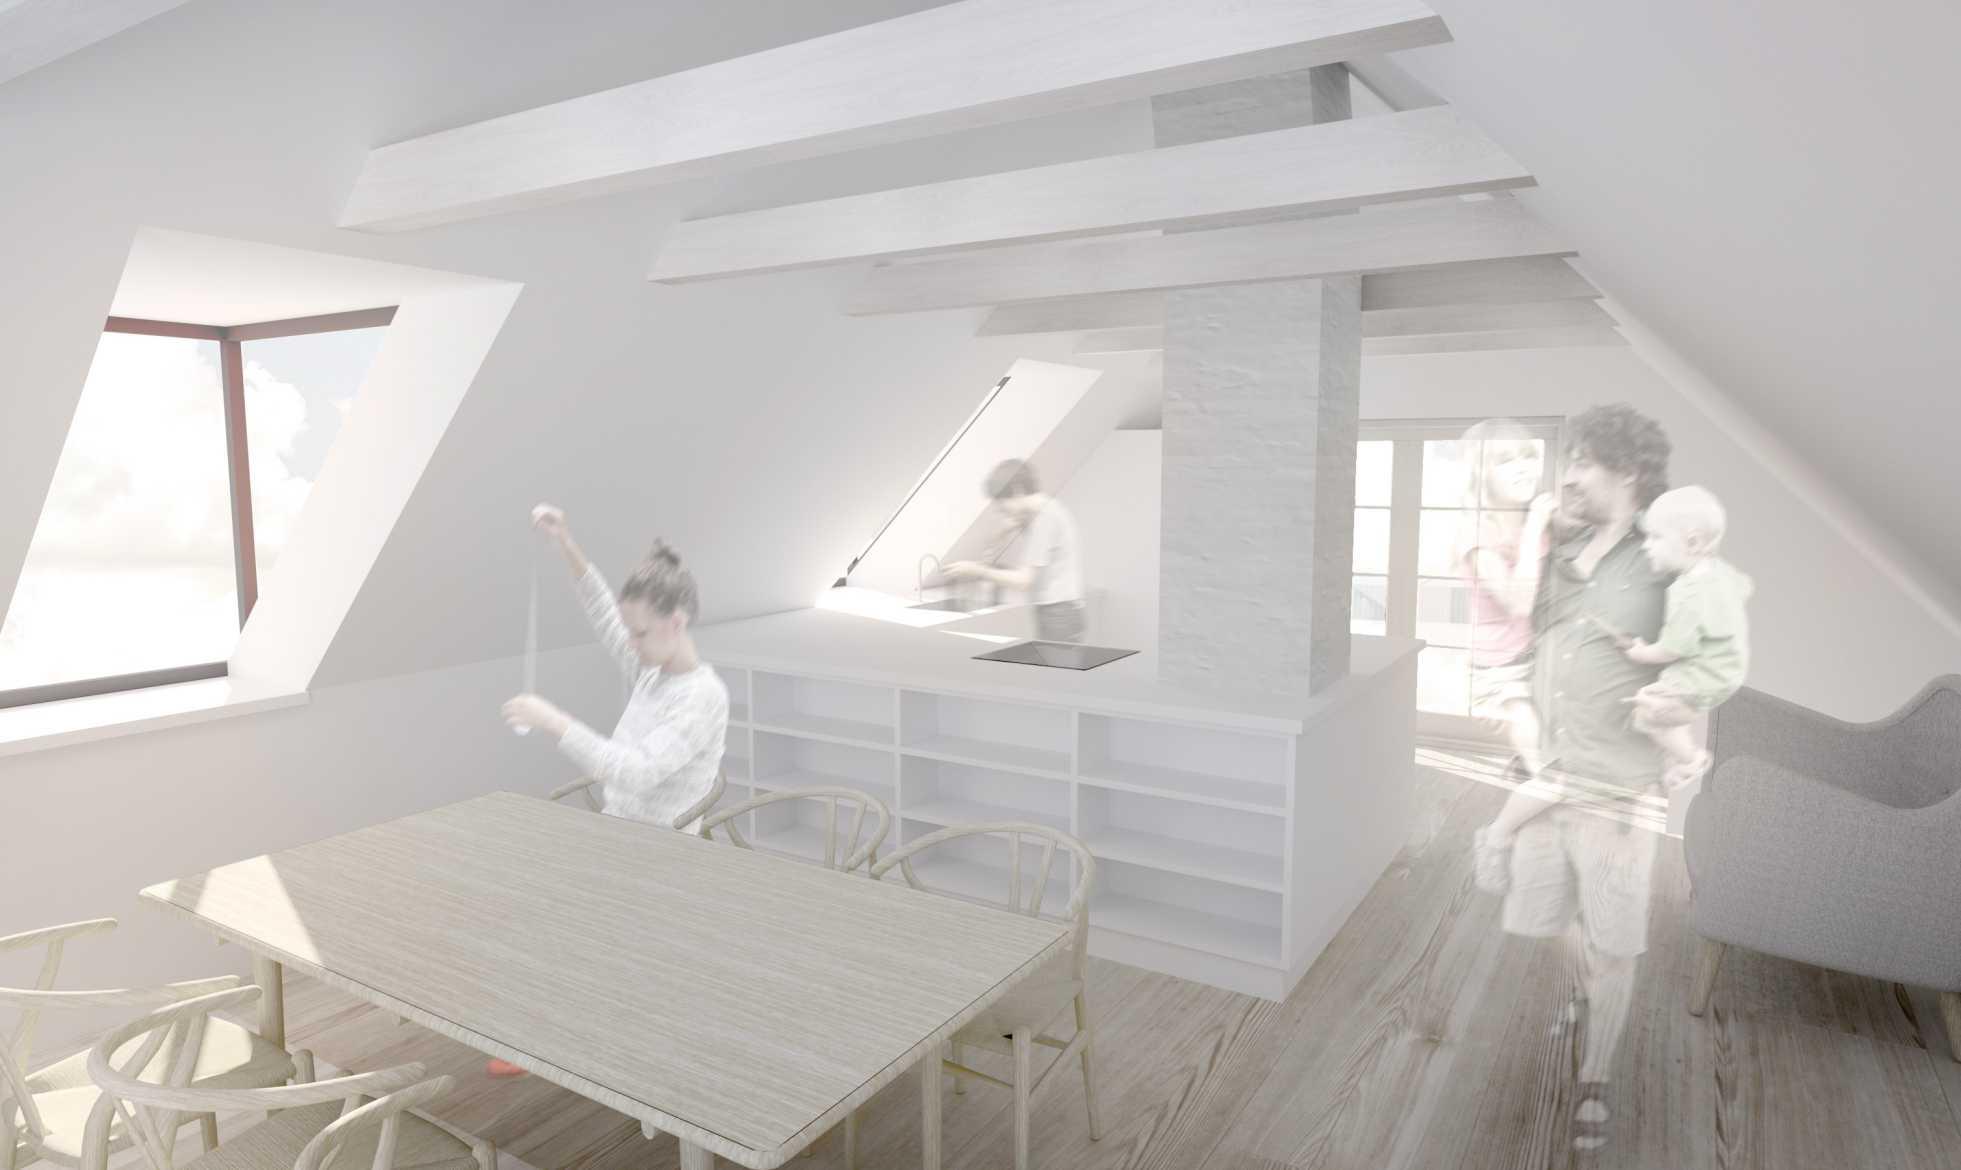 Visualisering af interiør